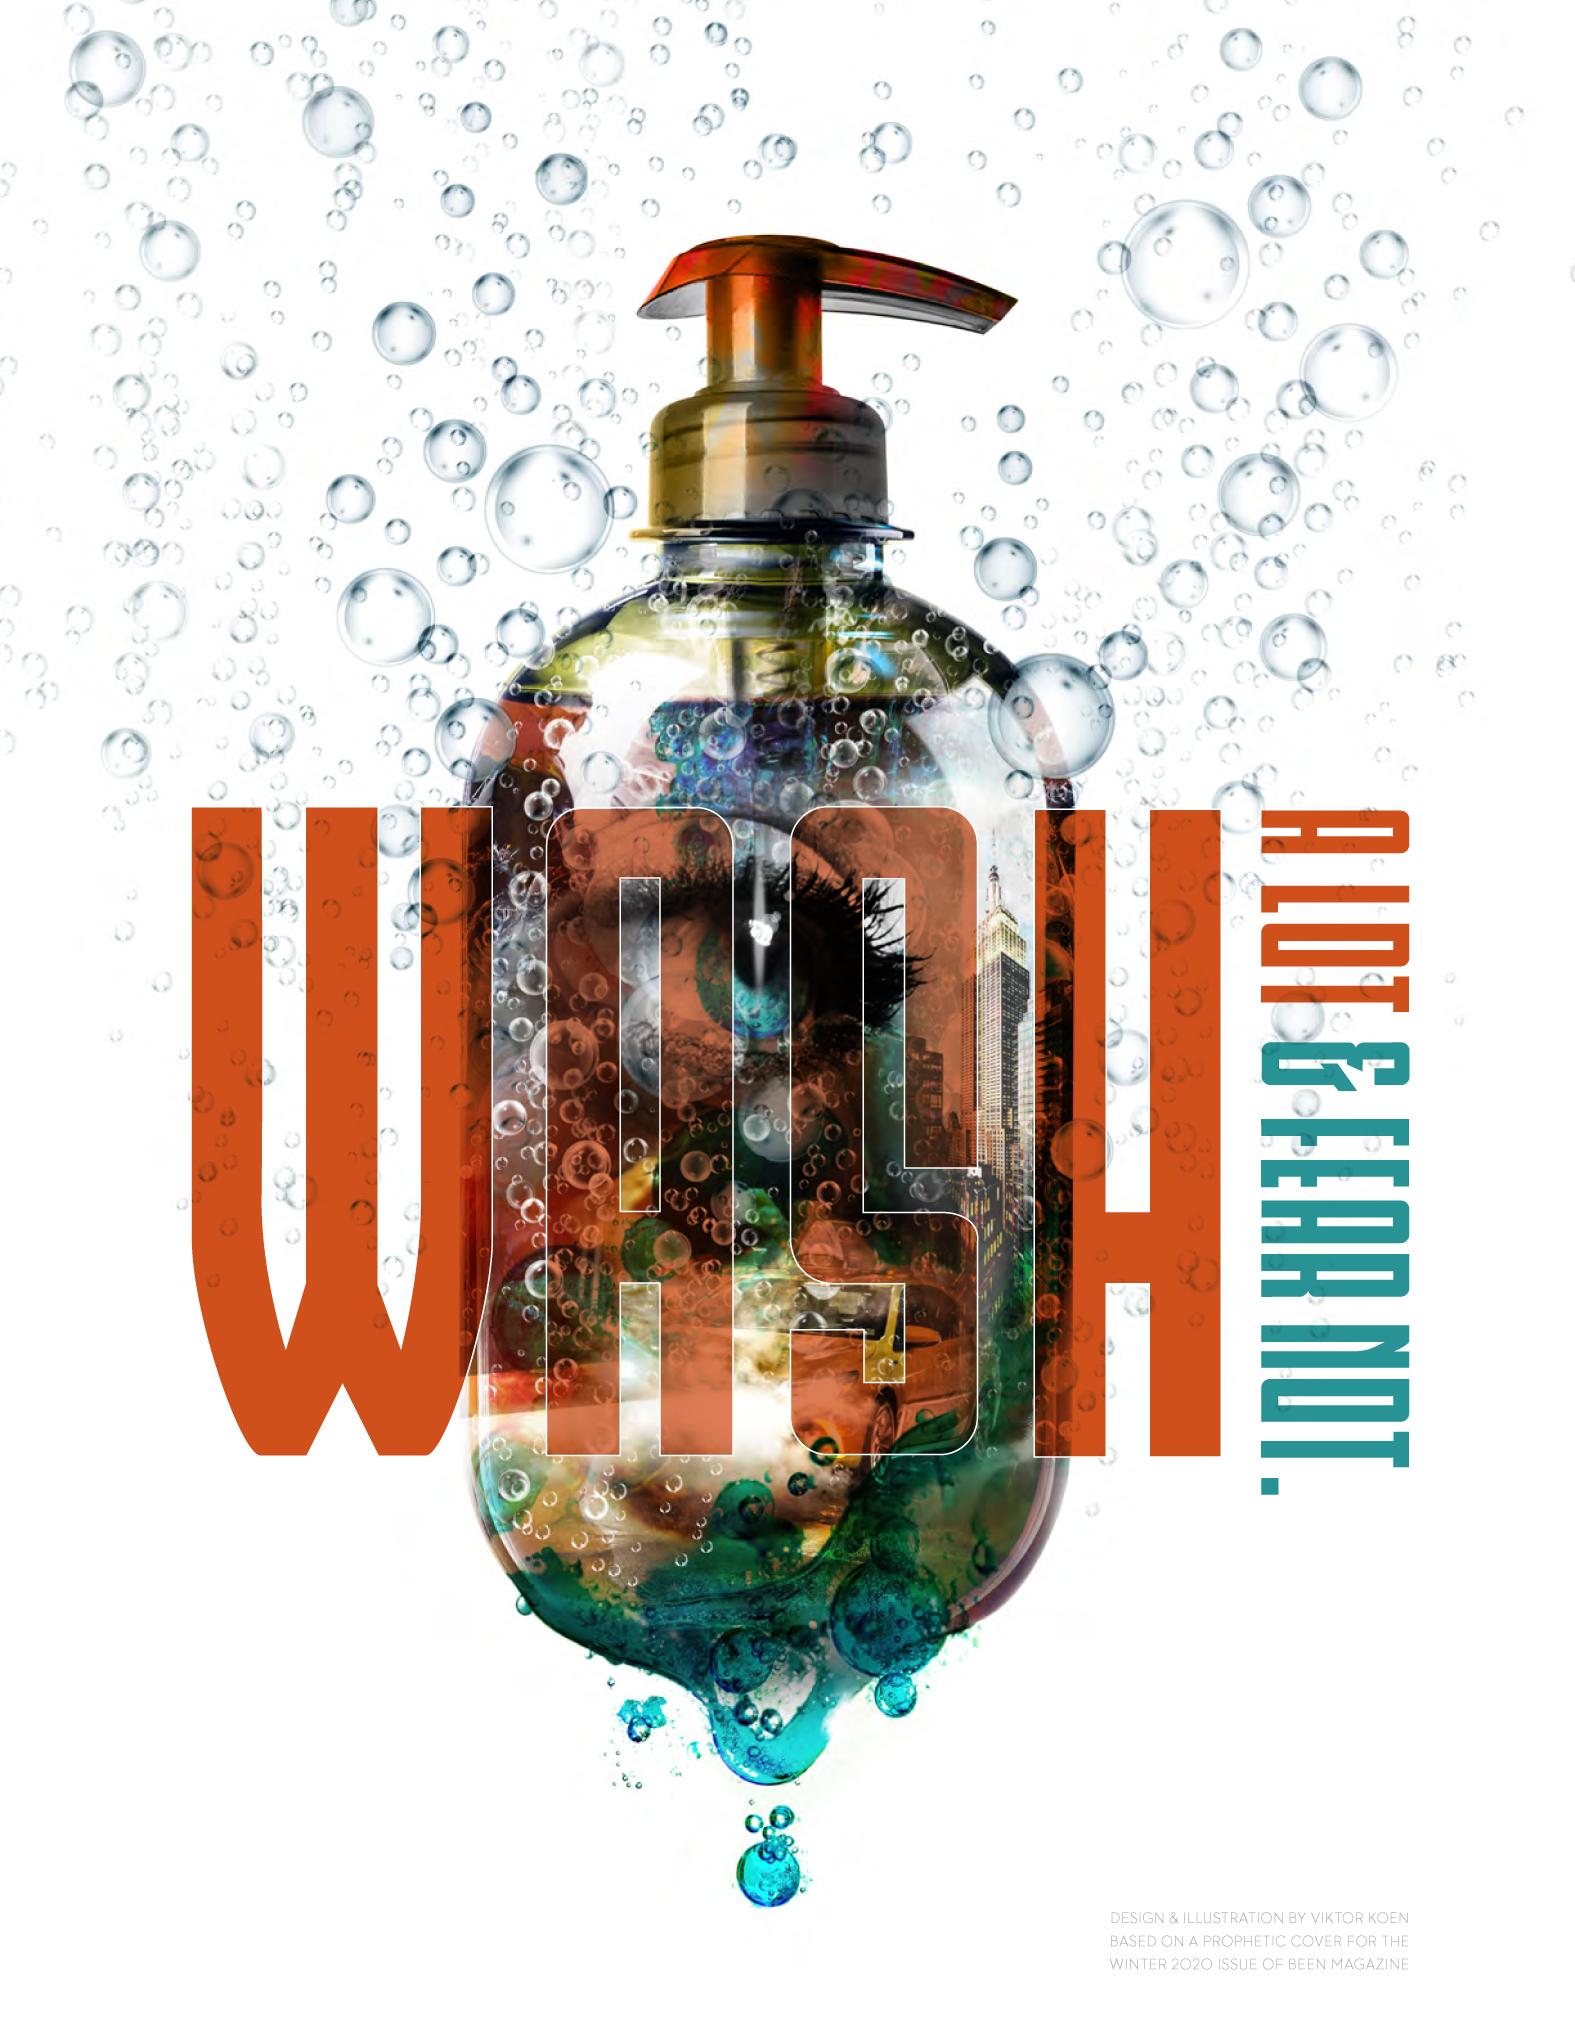 viktor_koen_wash_poster.jpg